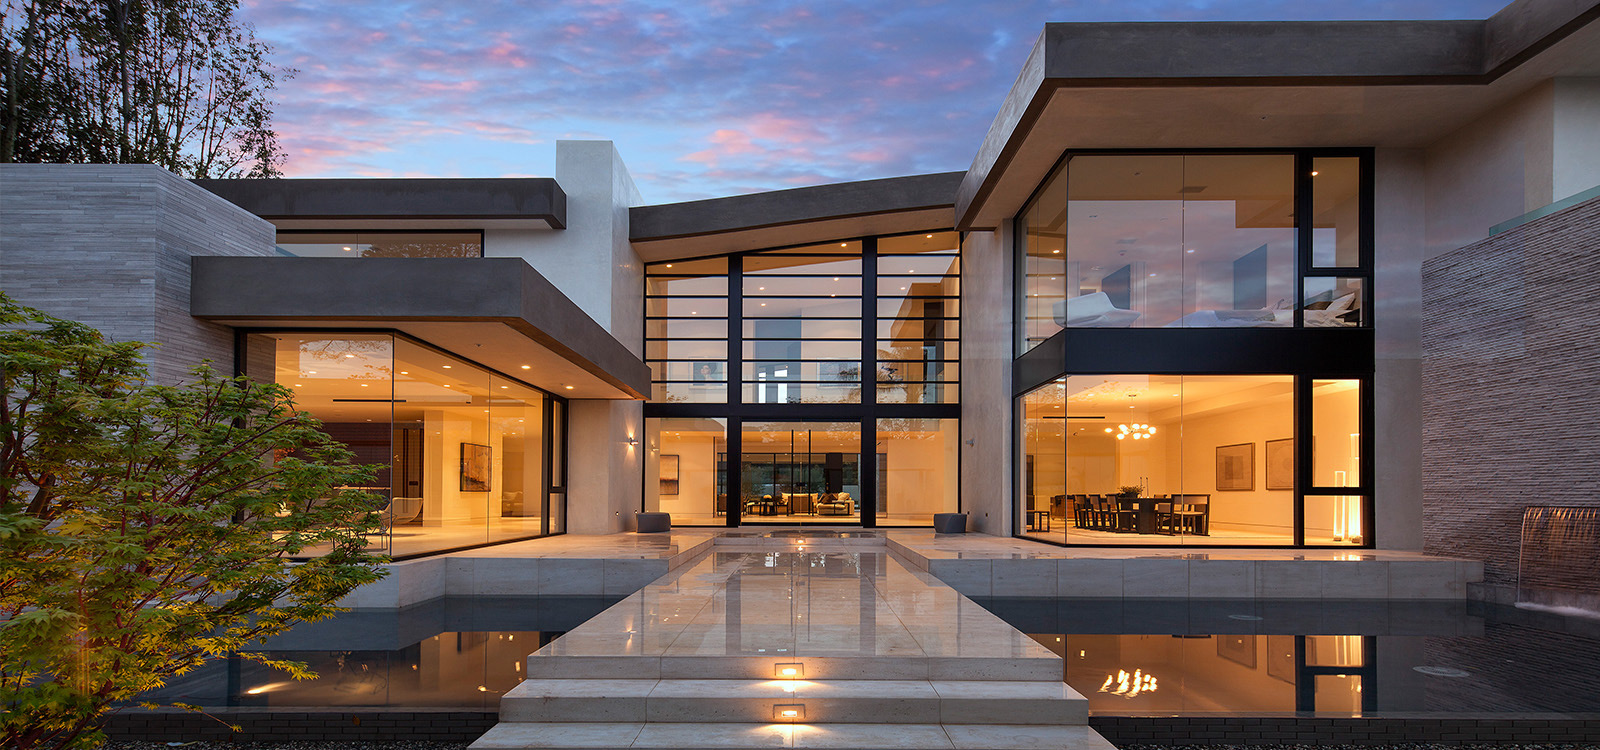 1215 Keagles Mount, Lokeren, Hawaii, 4 Habitaciones Habitaciones, 6 Habitaciones Habitaciones,8 BathroomsBathrooms,Apartamento,En Venta,Keagles Mount,1003